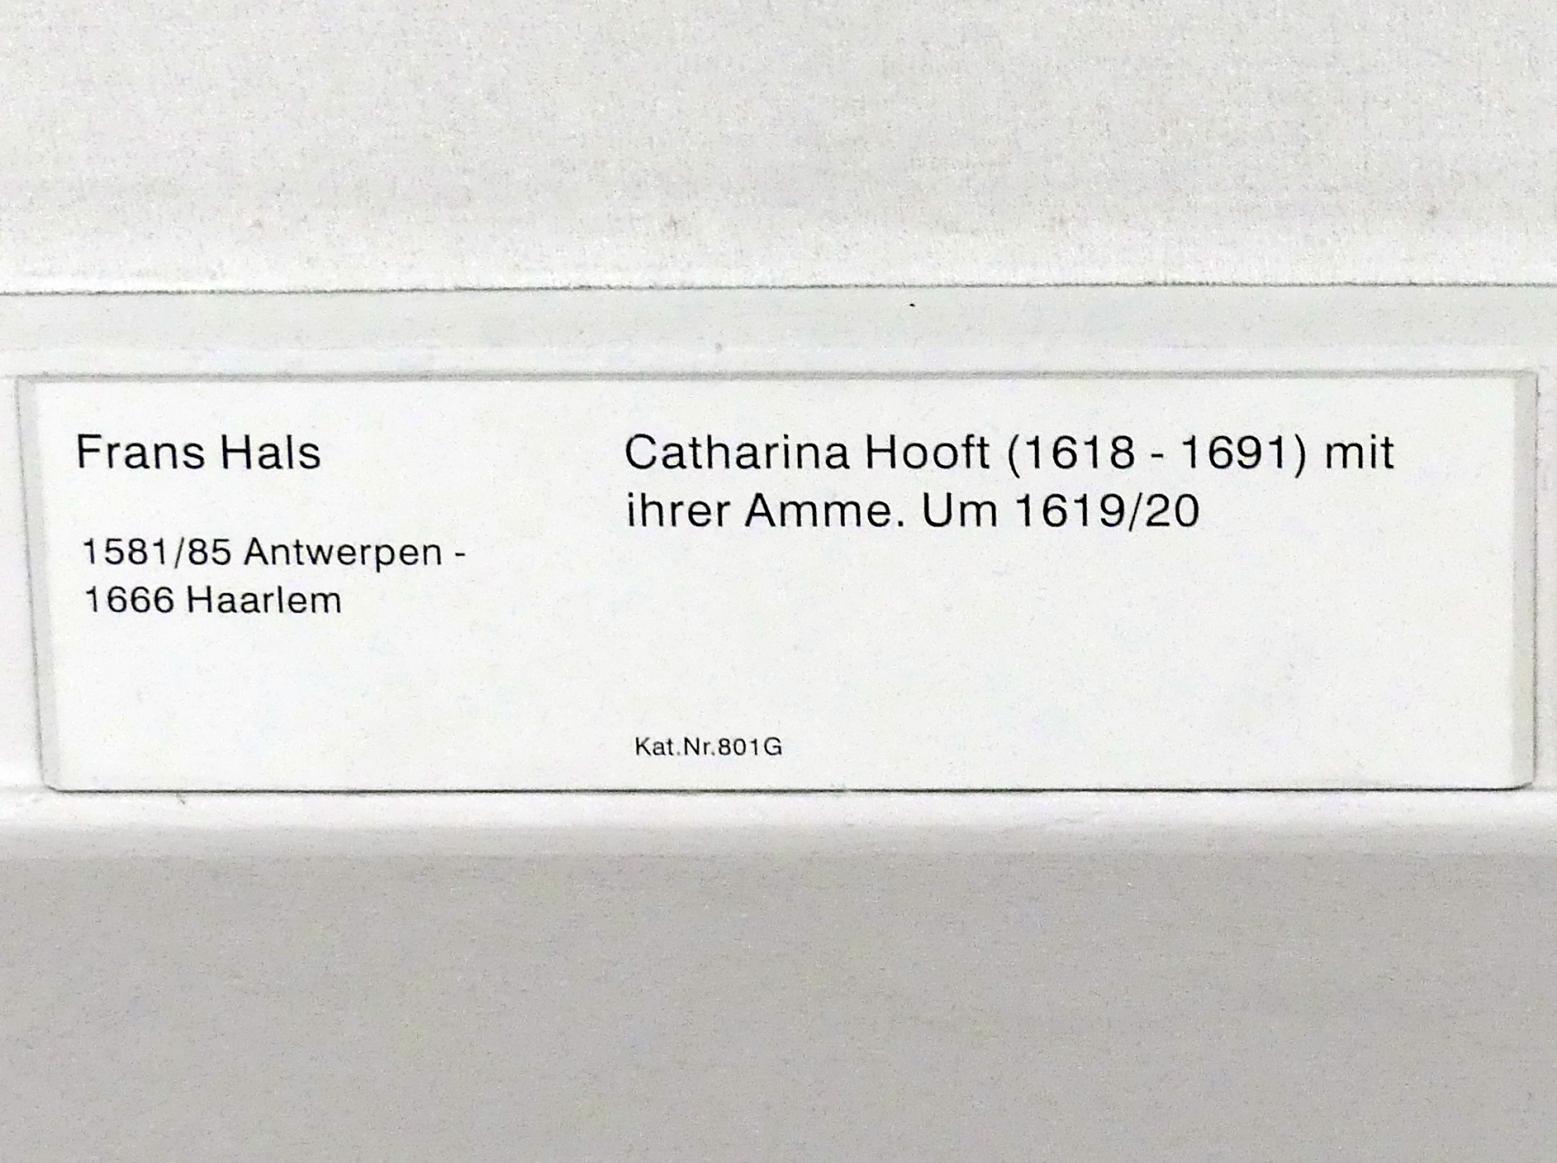 Frans Hals: Catharina Hooft (1618-1691) mit ihrer Amme, um 1619 - 1620, Bild 2/2